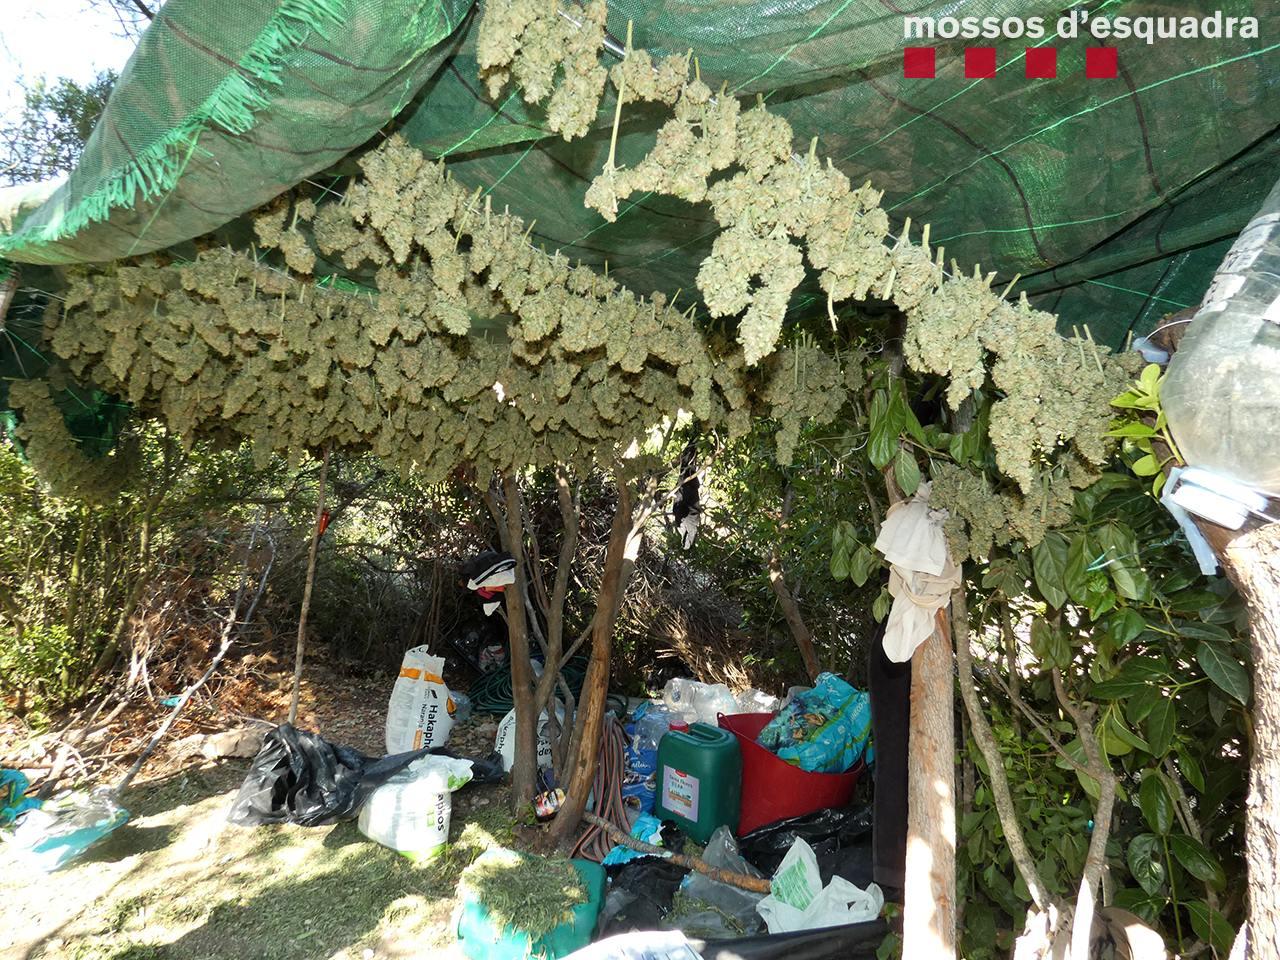 Assecador de marihuana a Ulldemolins